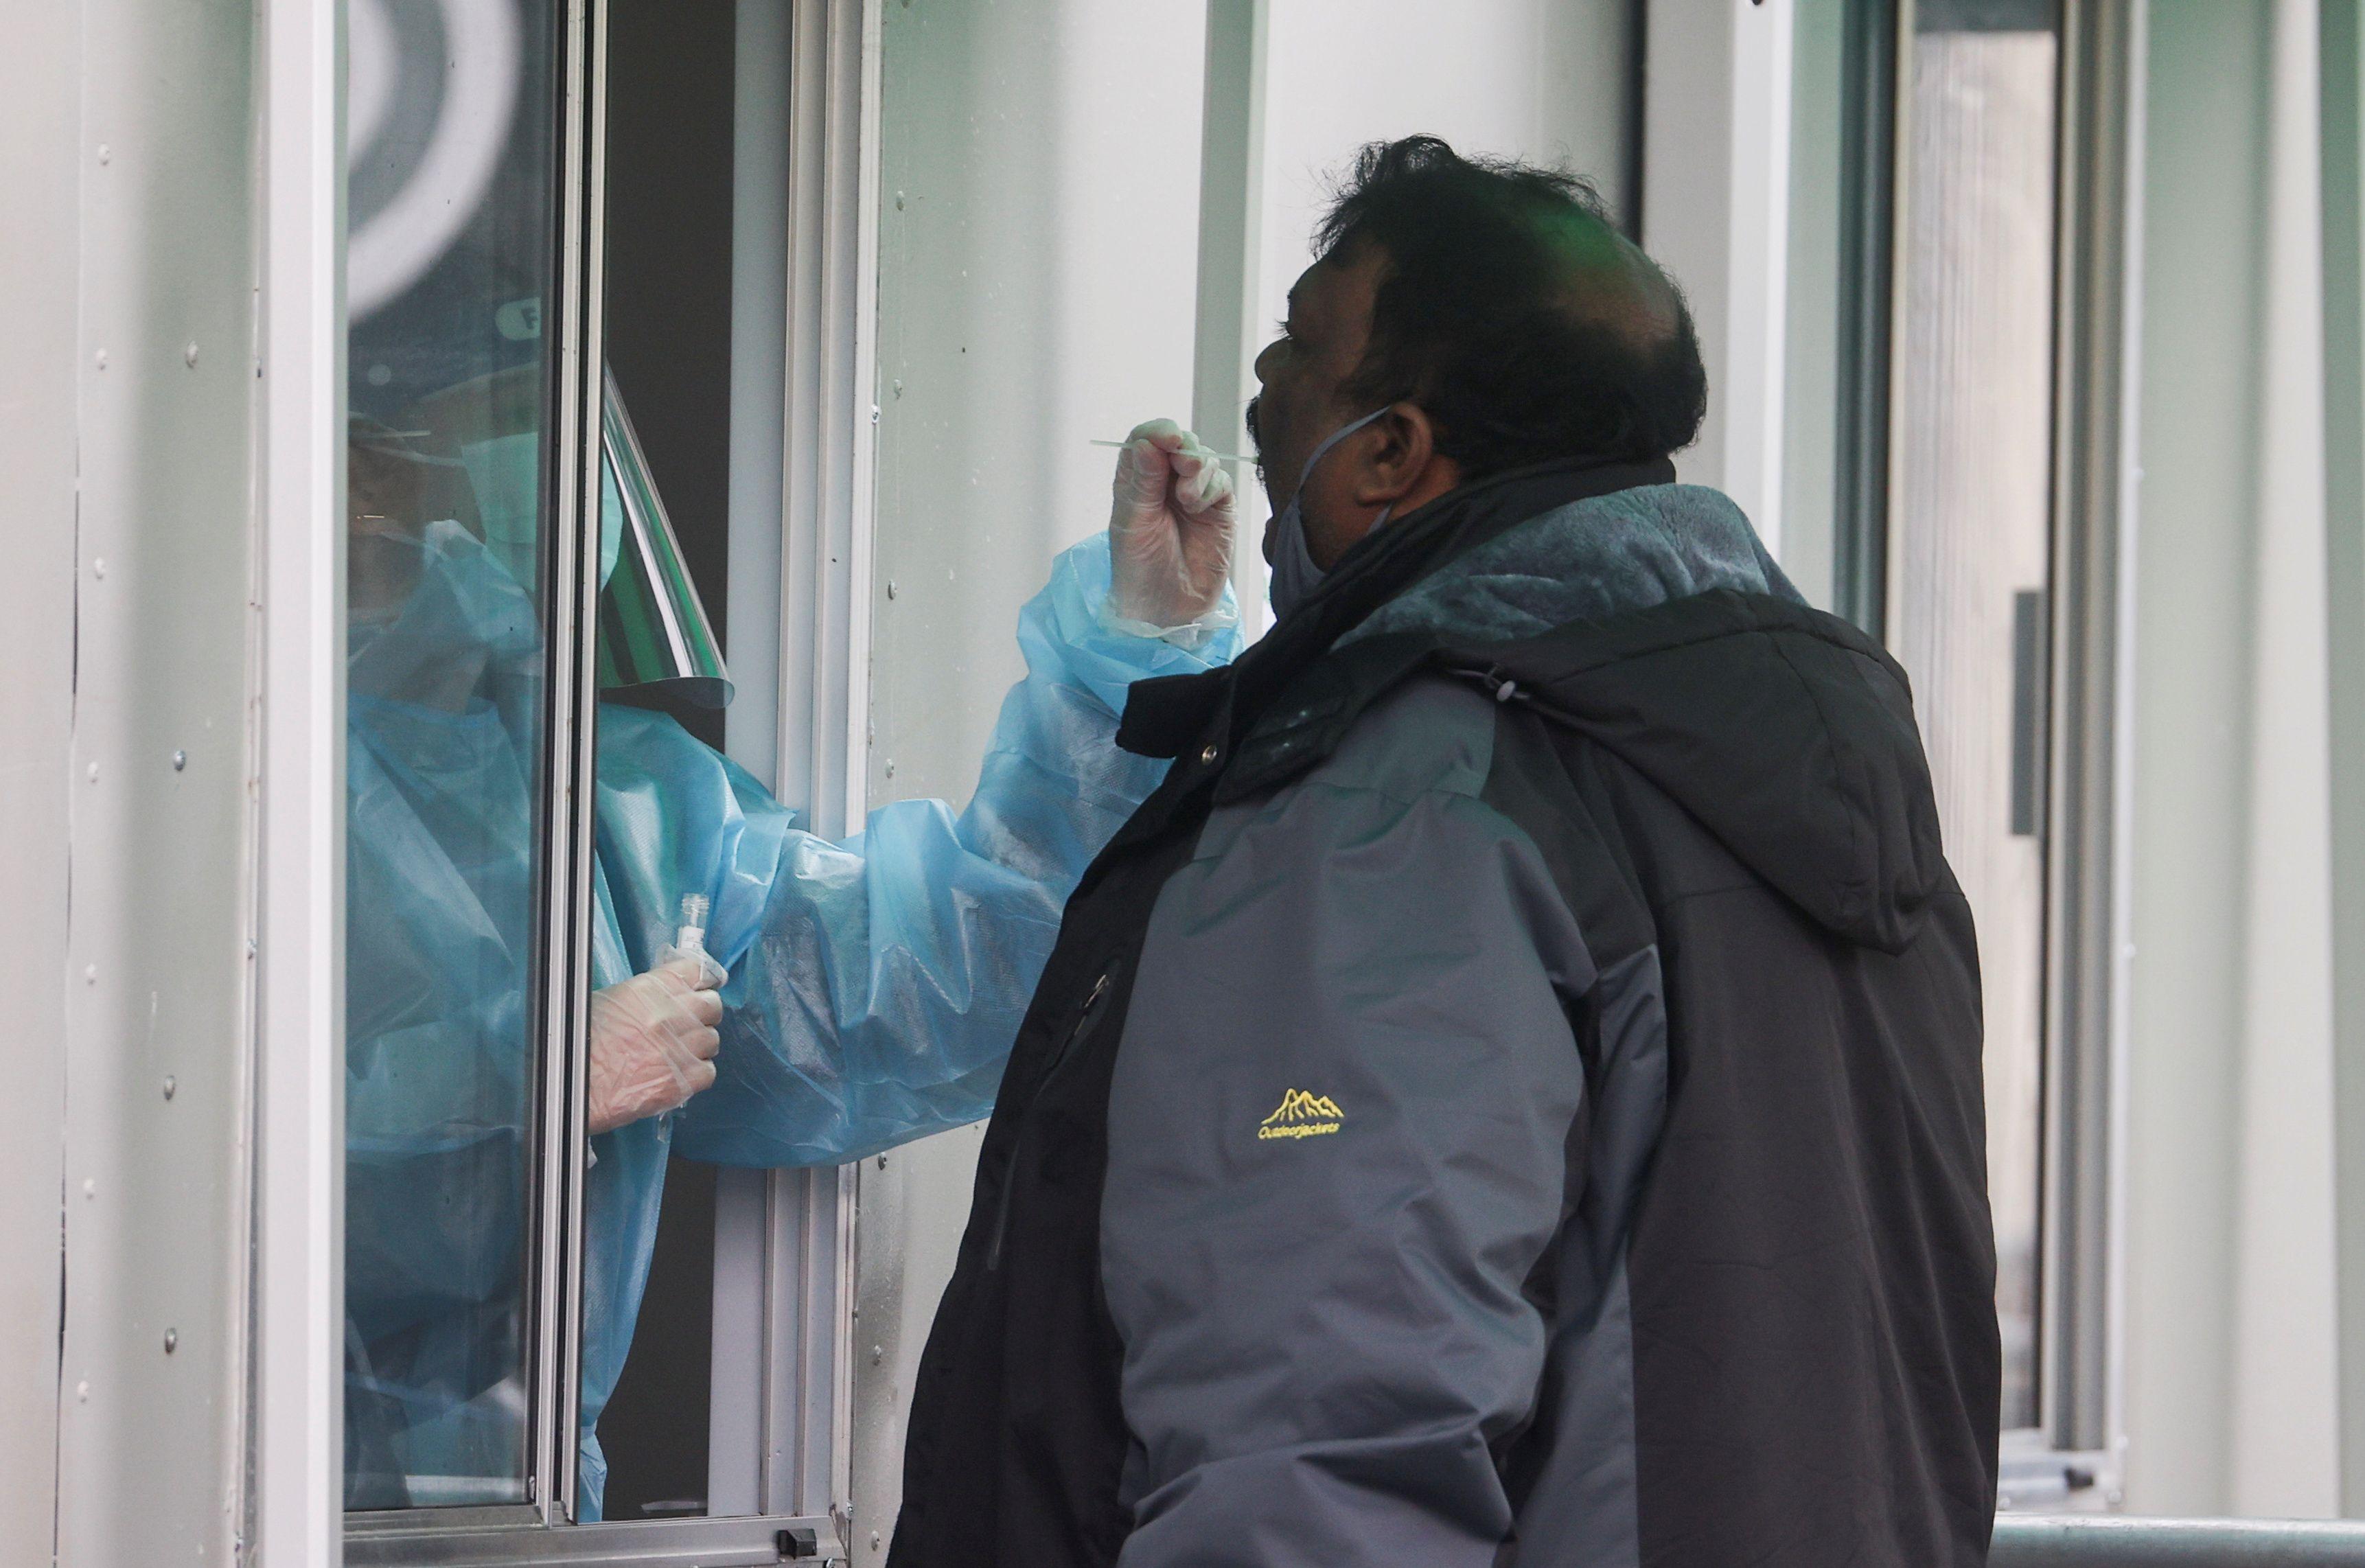 Un trabajador de la salud realiza una prueba PCR a un hombre para detectar la enfermedad del coronavirus (COVID-19), en un sitio de prueba móvil de COVID-19 en el aeropuerto de Heathrow, en Londres, Gran Bretaña, el 15 de febrero de 2021. REUTERS / Hannah McKay